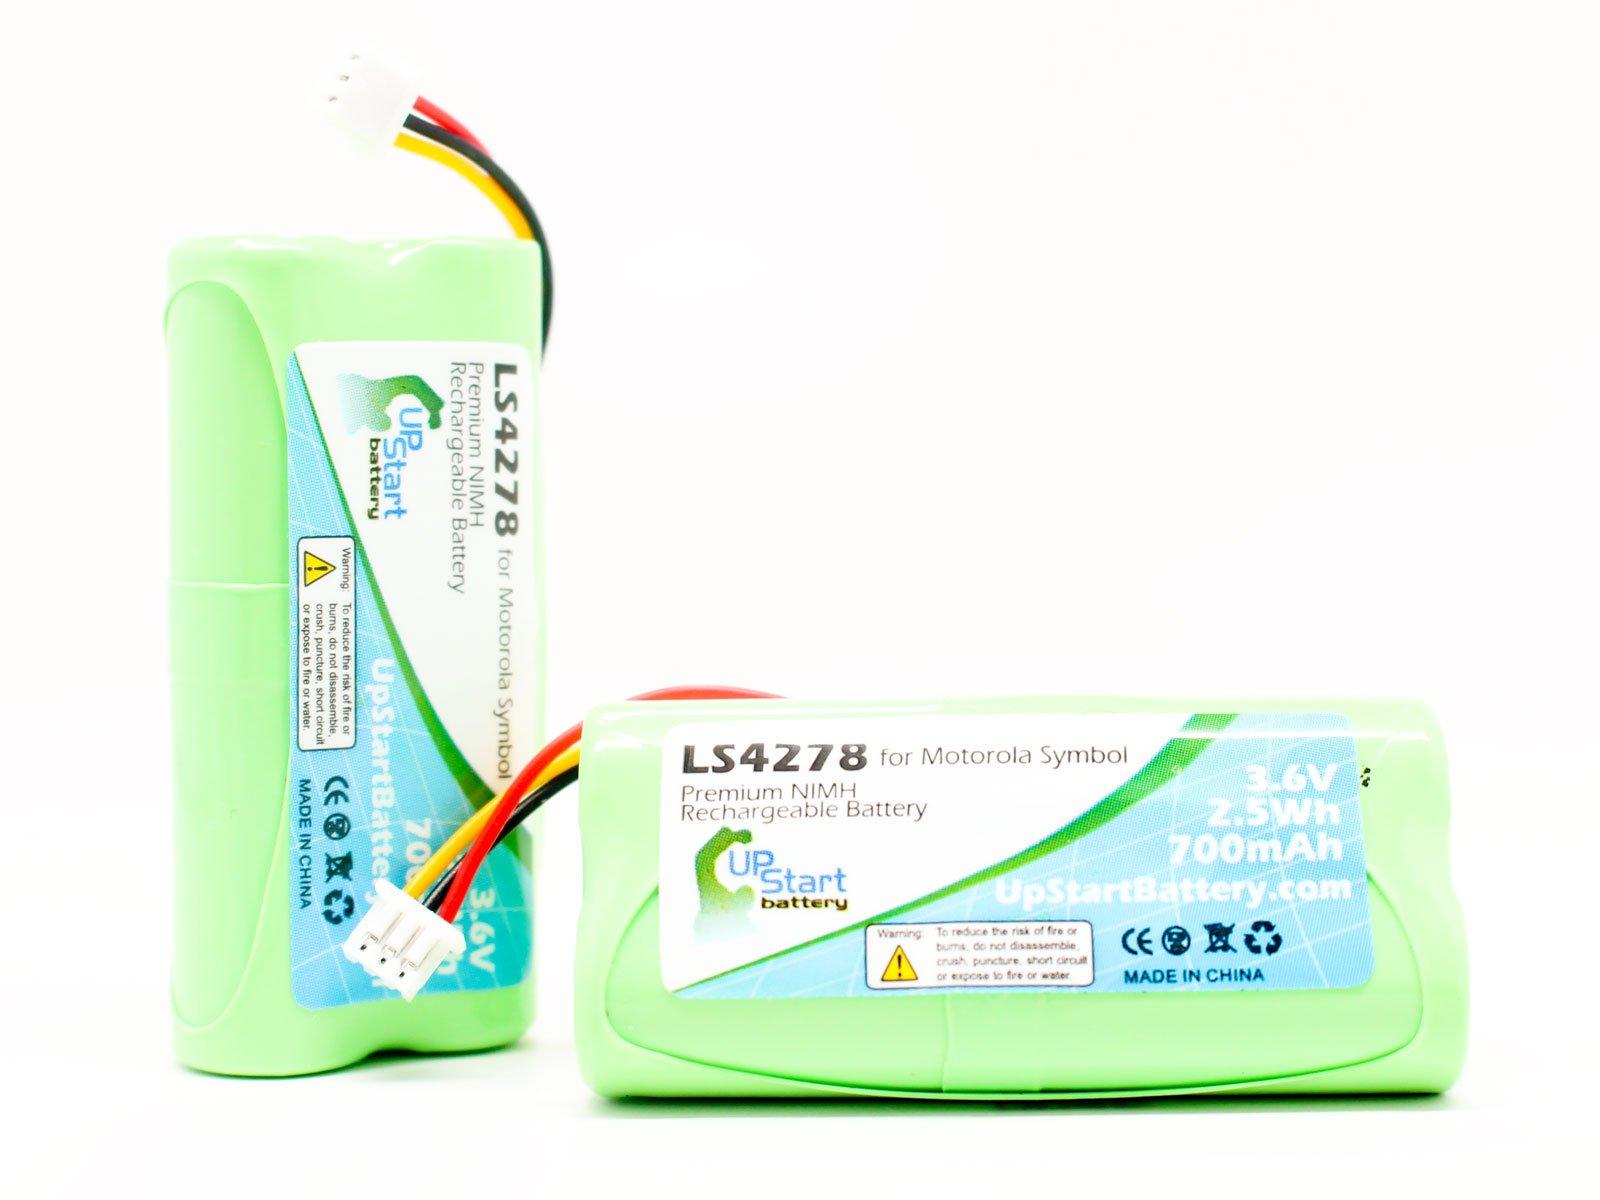 2x Pack - Motorola Symbol 82-67705-01 Battery - Replacement for Motorola Symbol LS4278 Barcode Scanner Battery (700mAh, 3.6V, NI-MH) - Also Replaces Symbol LS4278, Symbol LS-4278, Symbol BTRY-LS42RAAOE-01, Symbol LS4278-M